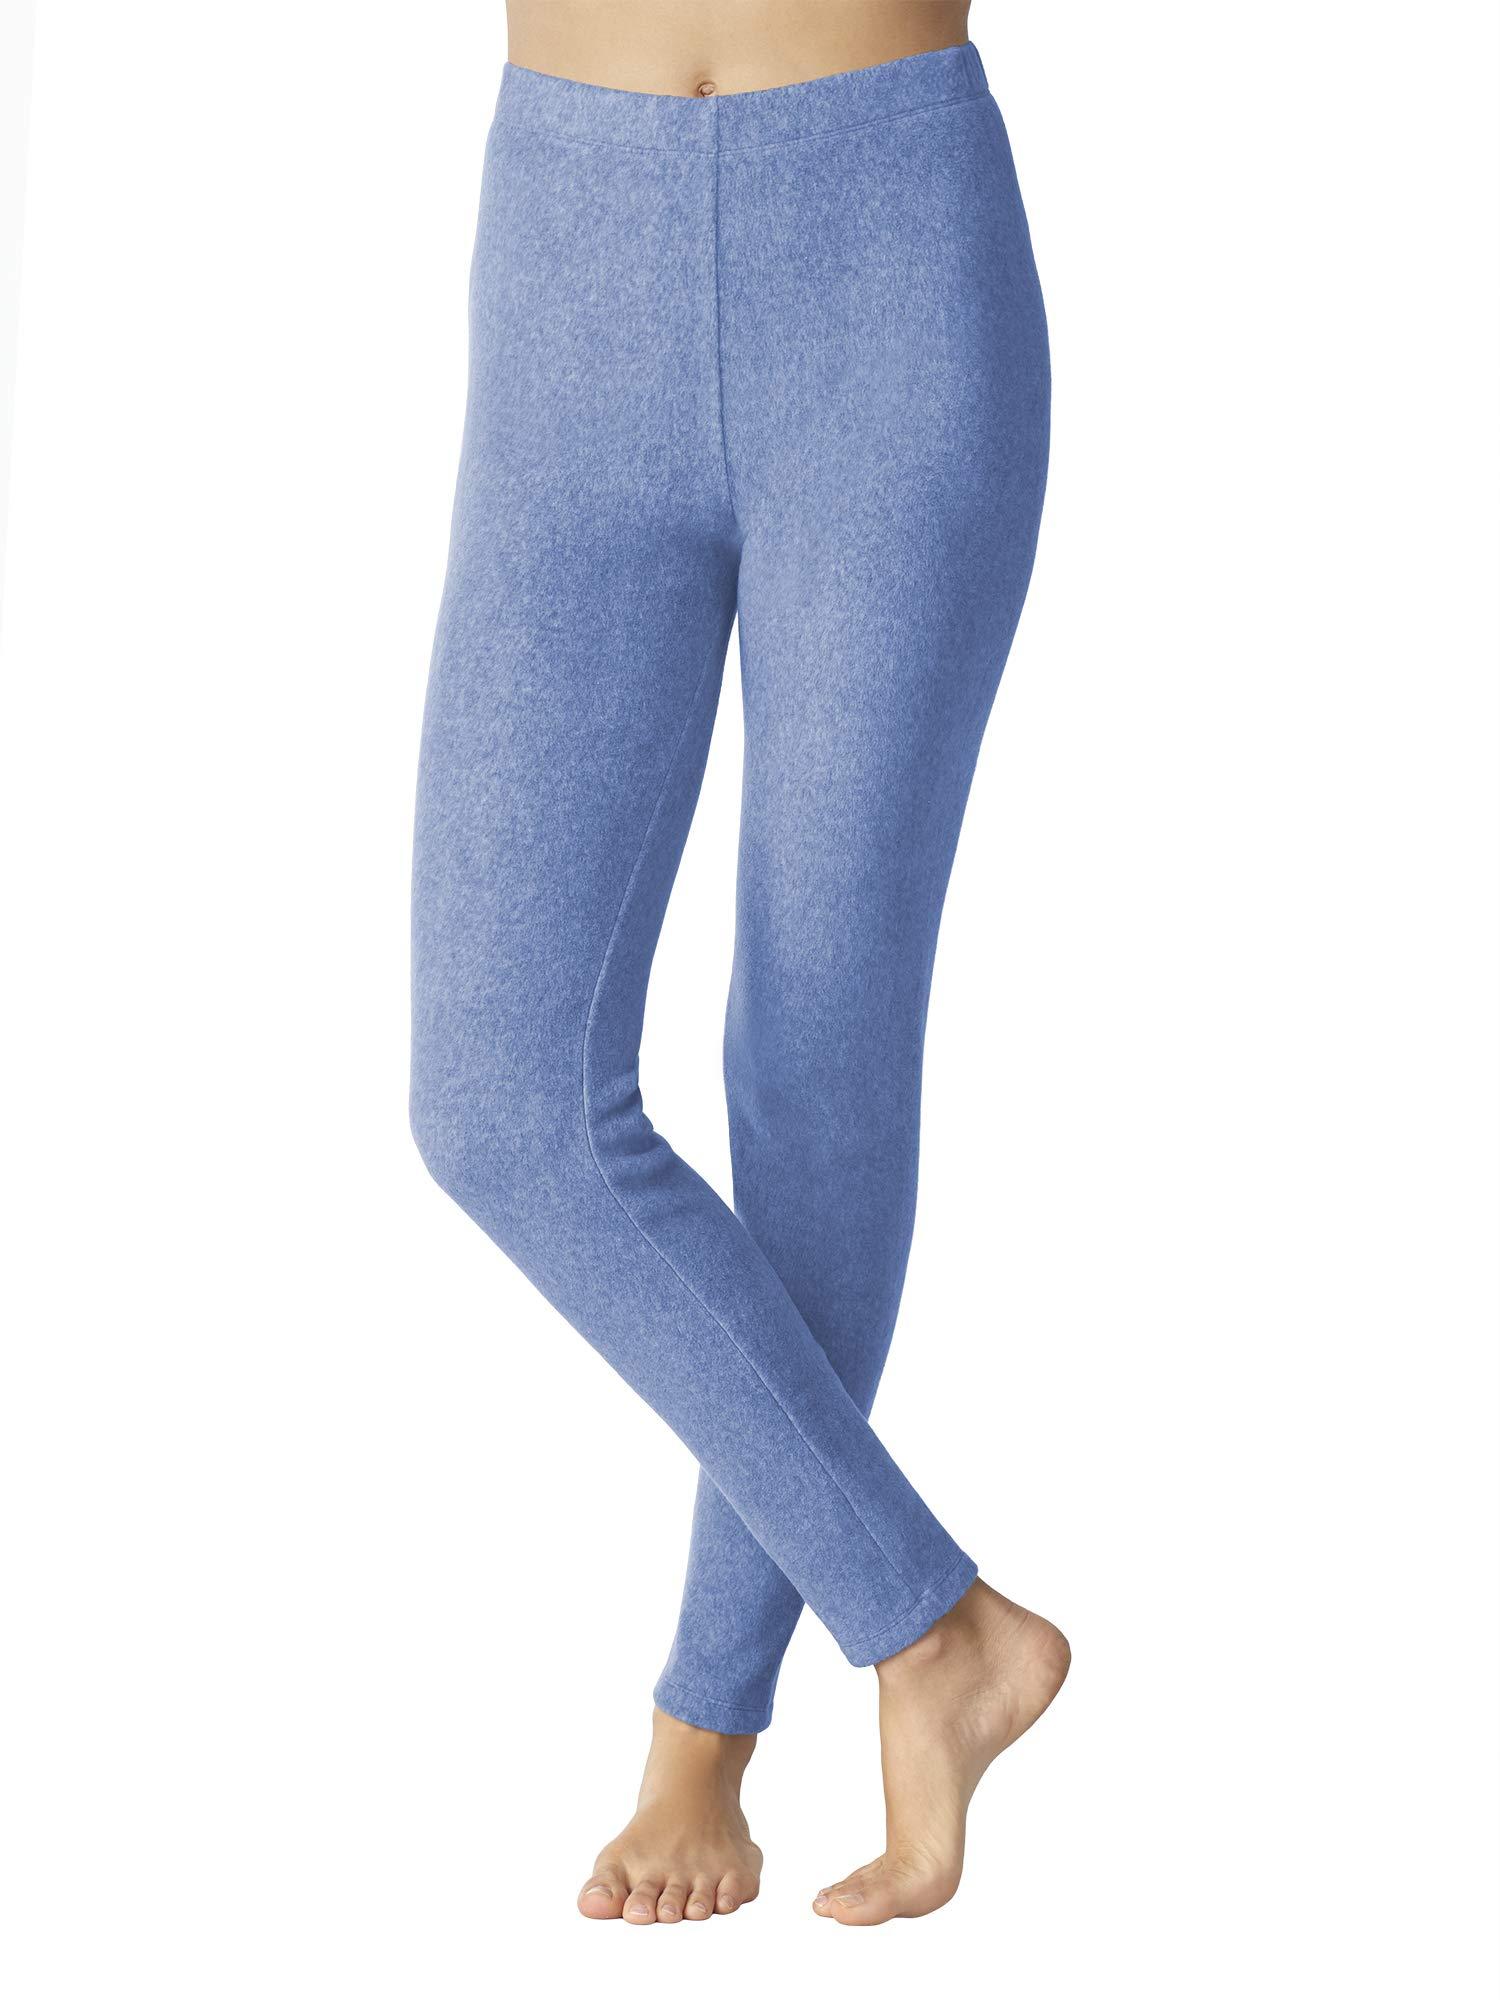 Cuddl Duds ClimateRight Women's Stretch Fleece Warm Underwear Leggings (3XL - Cloud Blue) by Cuddl Duds